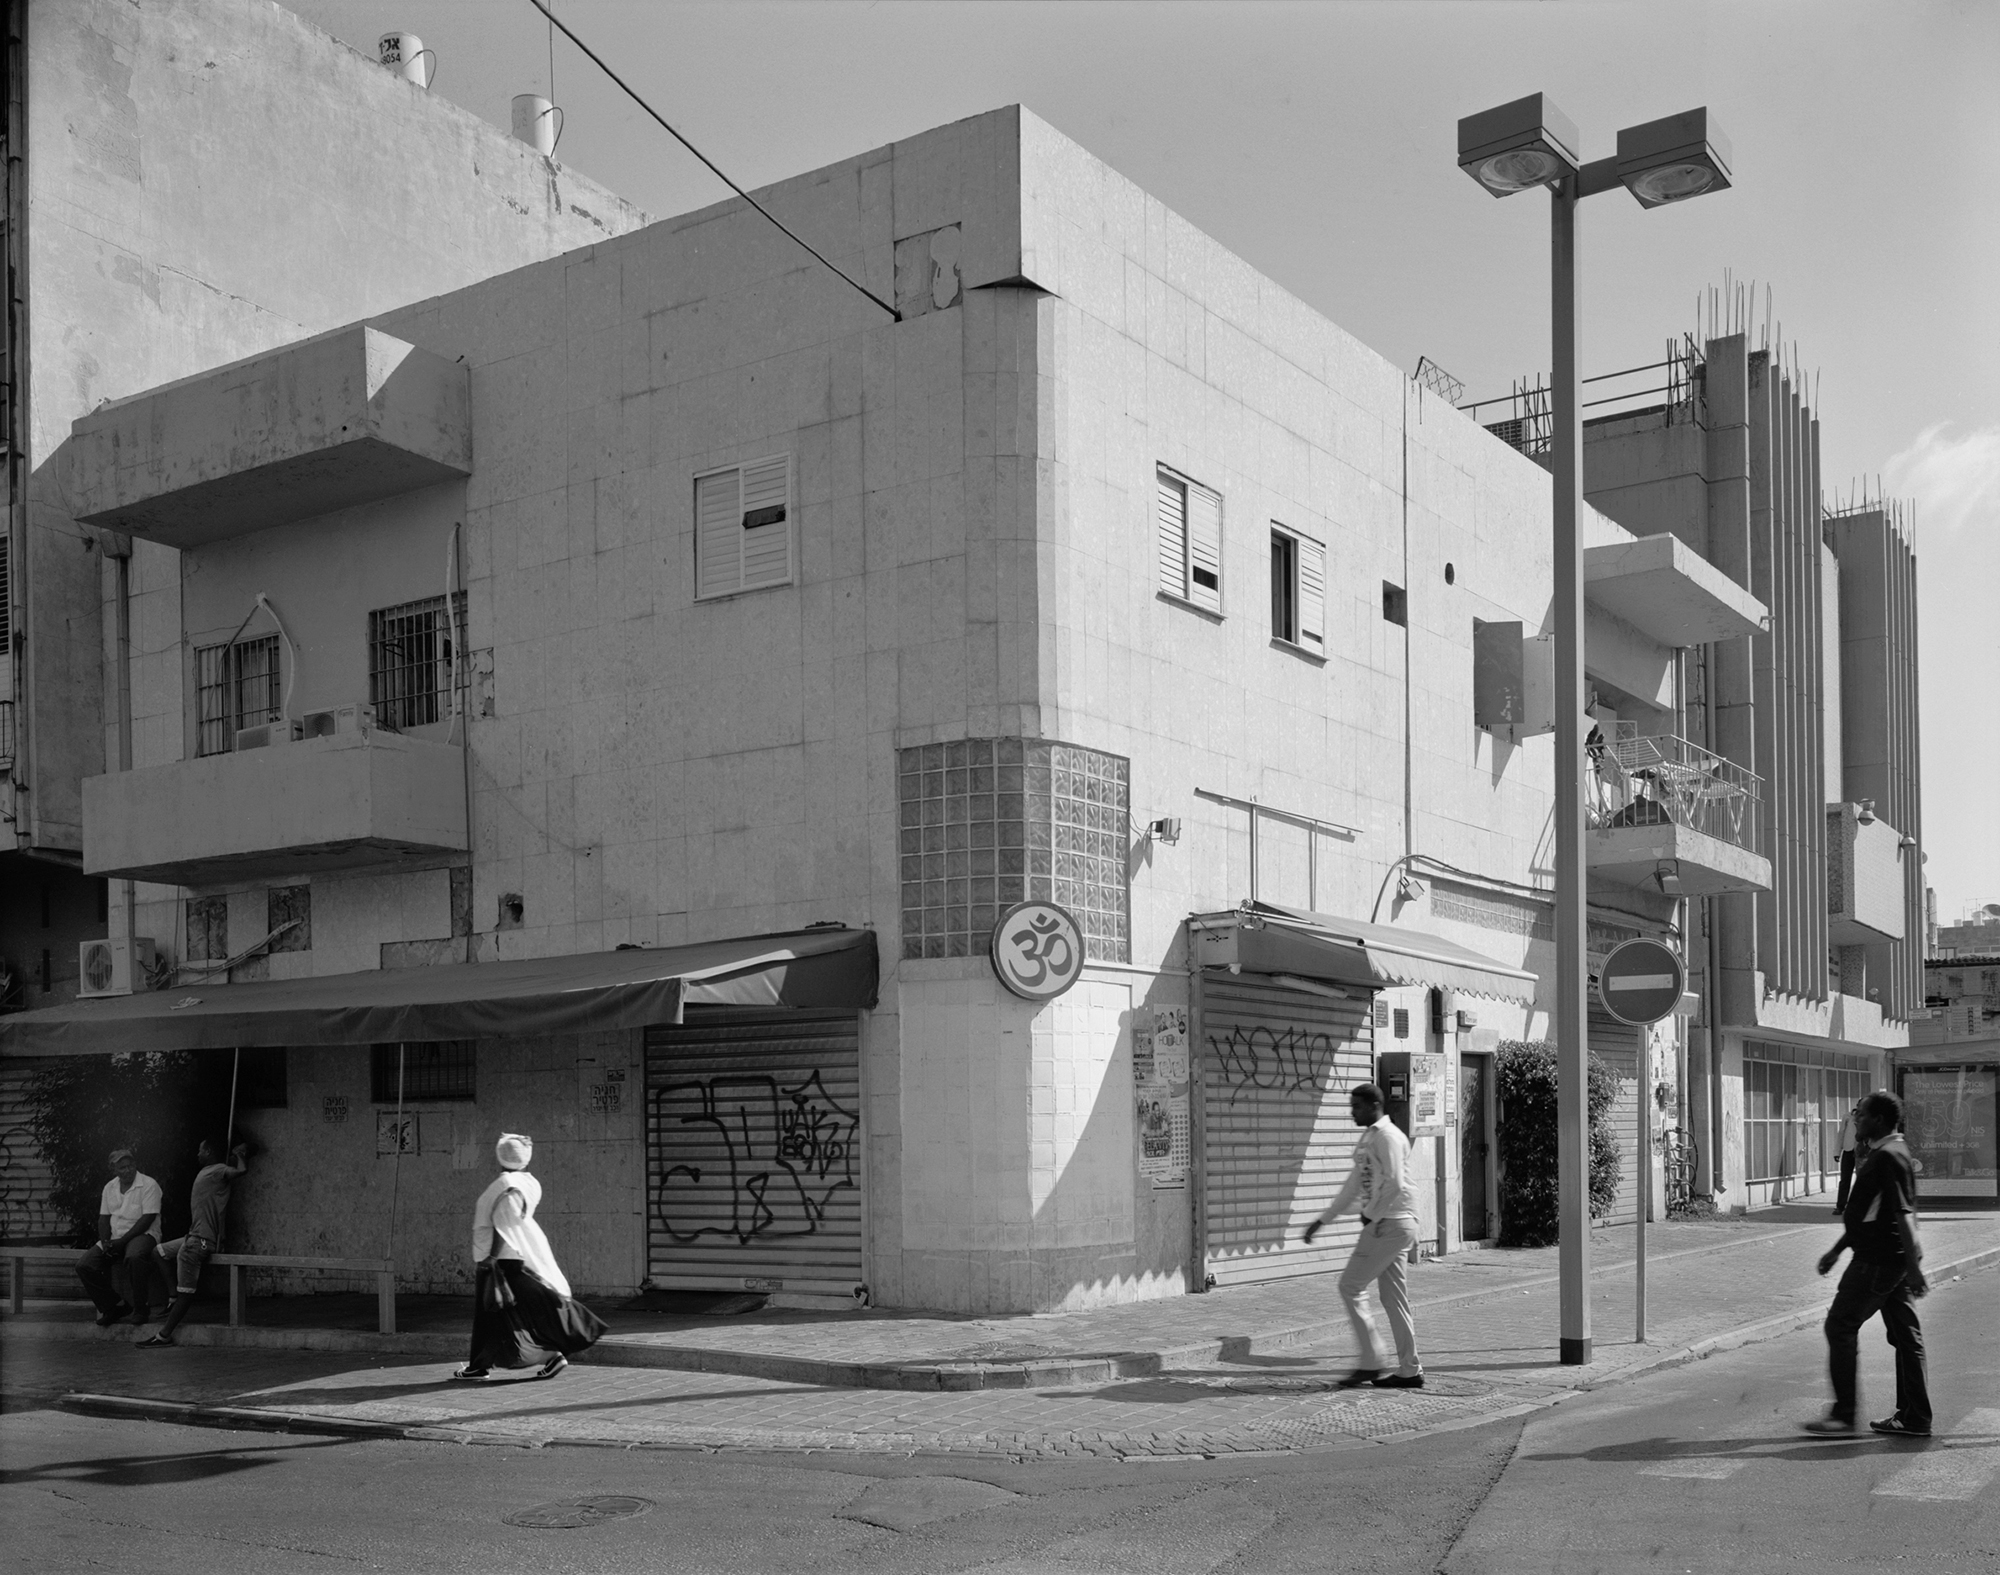 Corner of Rosh Pina and HaGdud Haivri Streets, Neve Sha'anan 2015